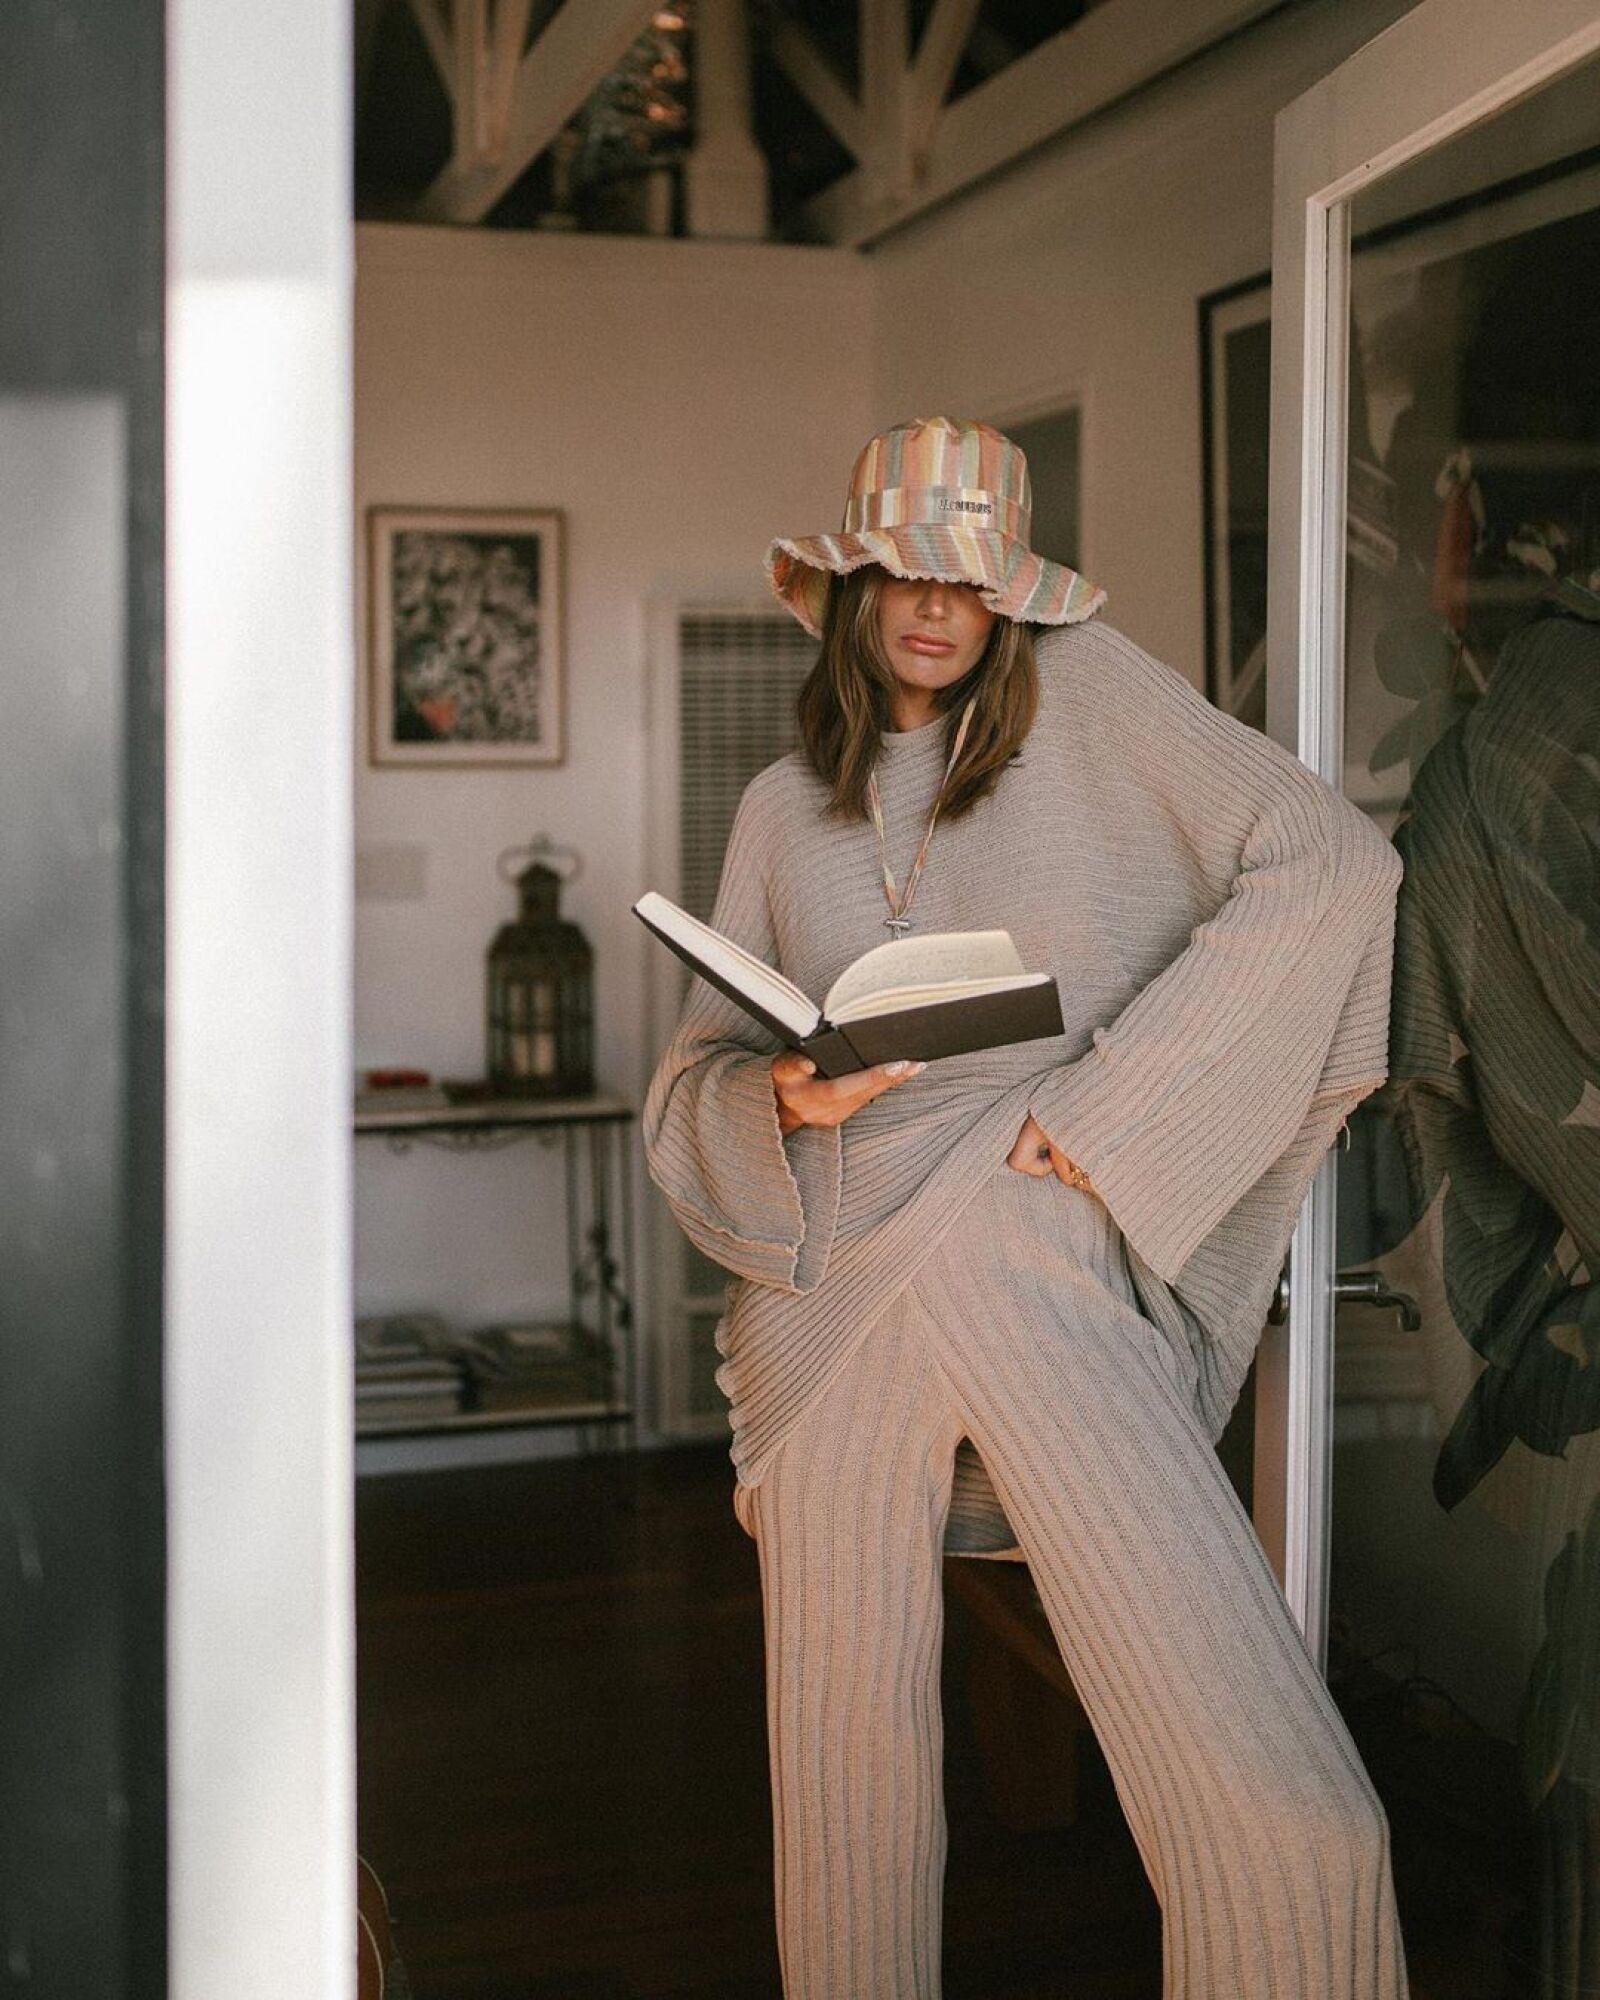 Tezza quiso hacer su cozy outfit más dolorido con un bucket hat a rayas